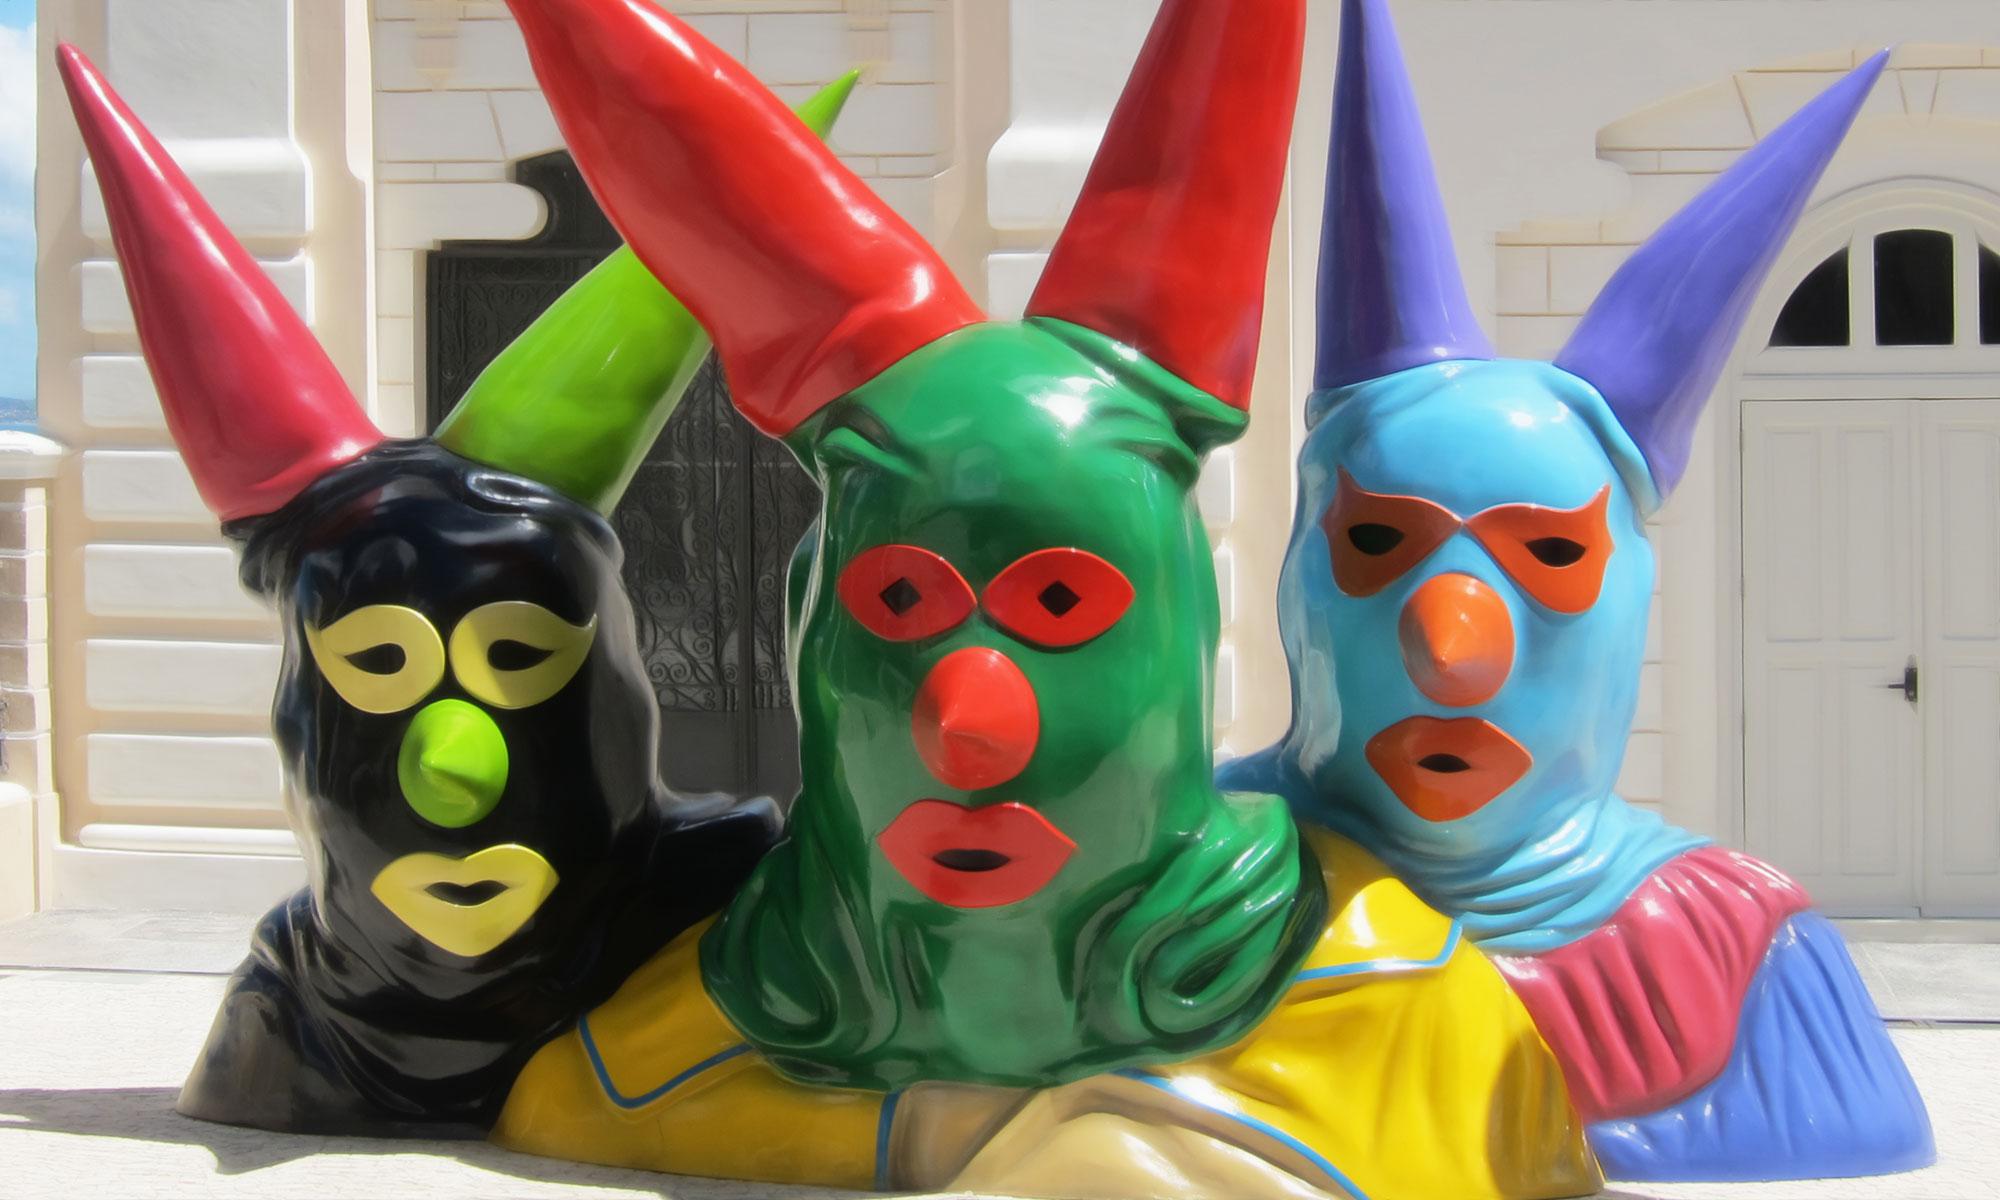 Carnival in Salvador, Bahia